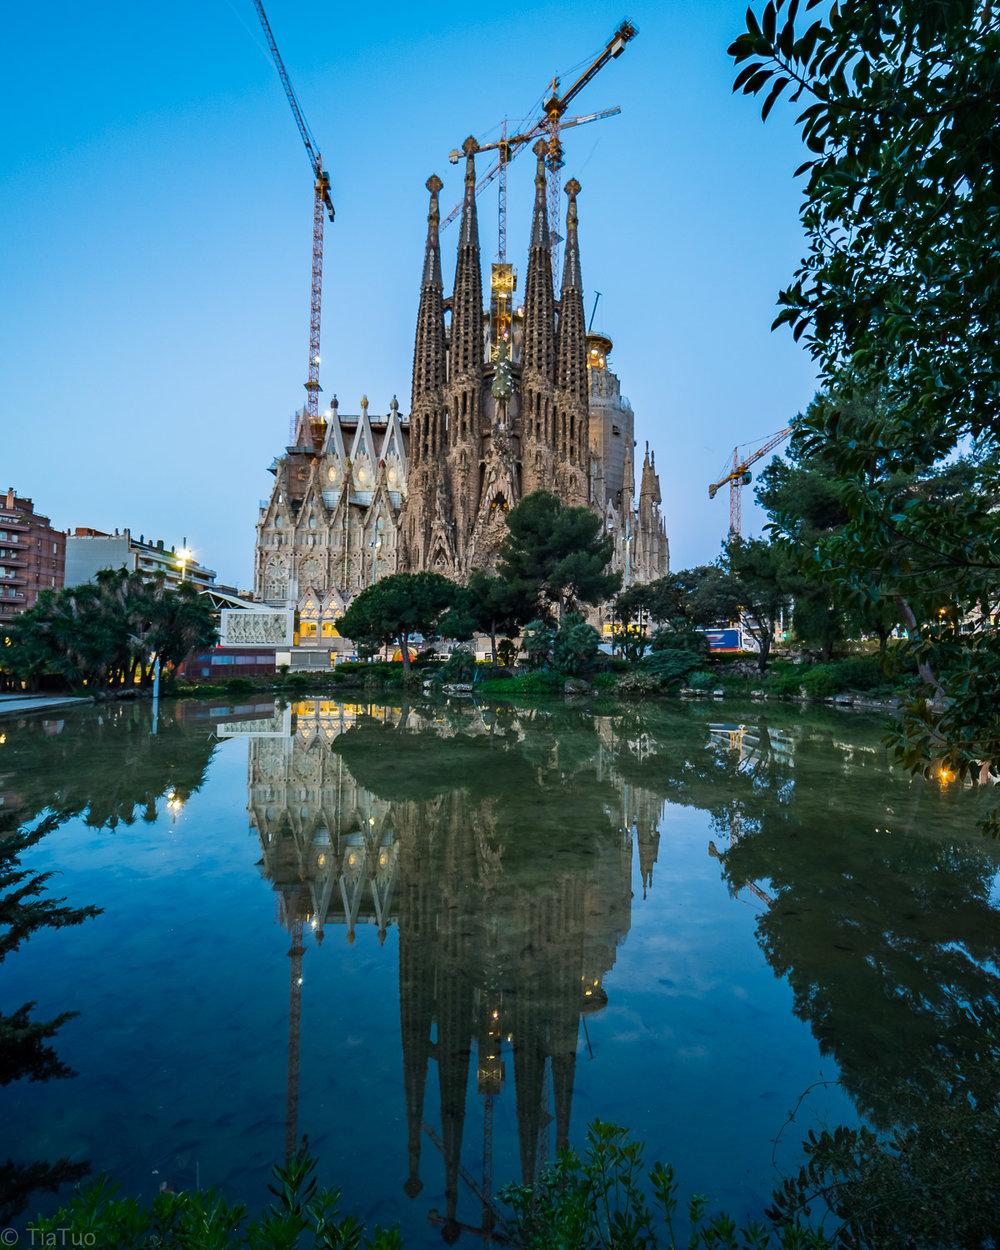 Sagrada Familia at sunrise: no tourists!